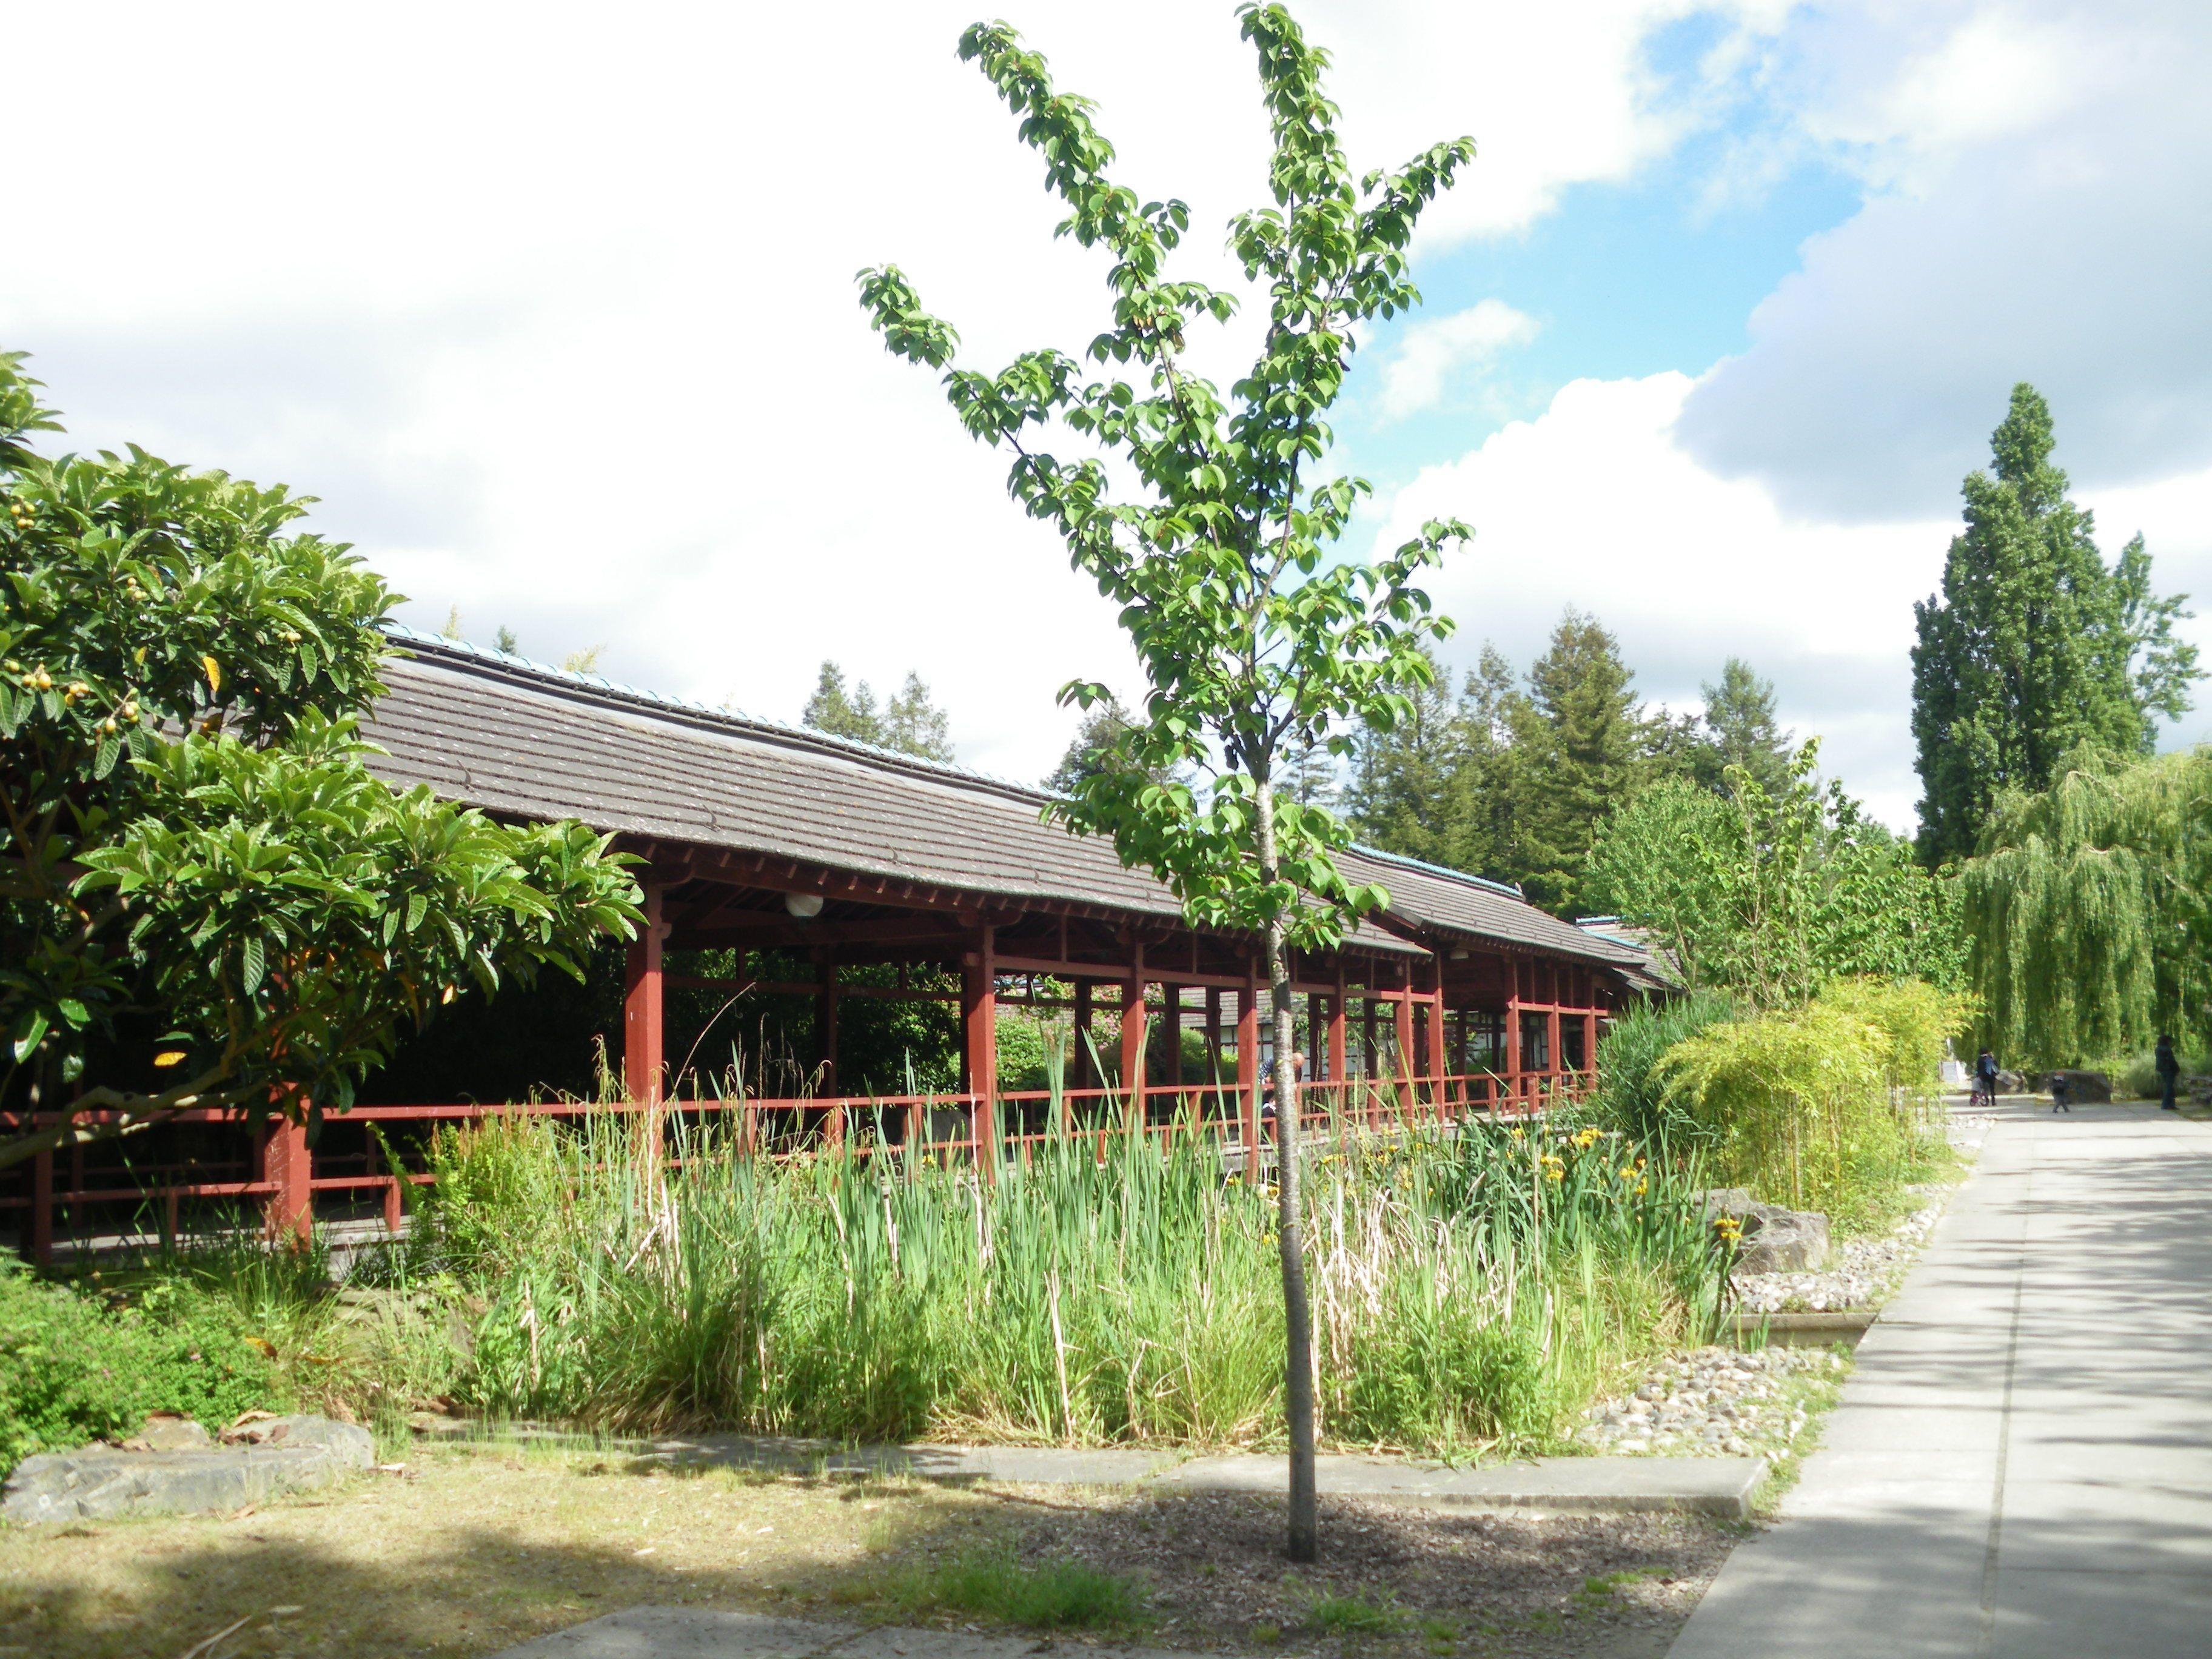 Le jardin de l le de versailles nantes for Architecte jardin versailles